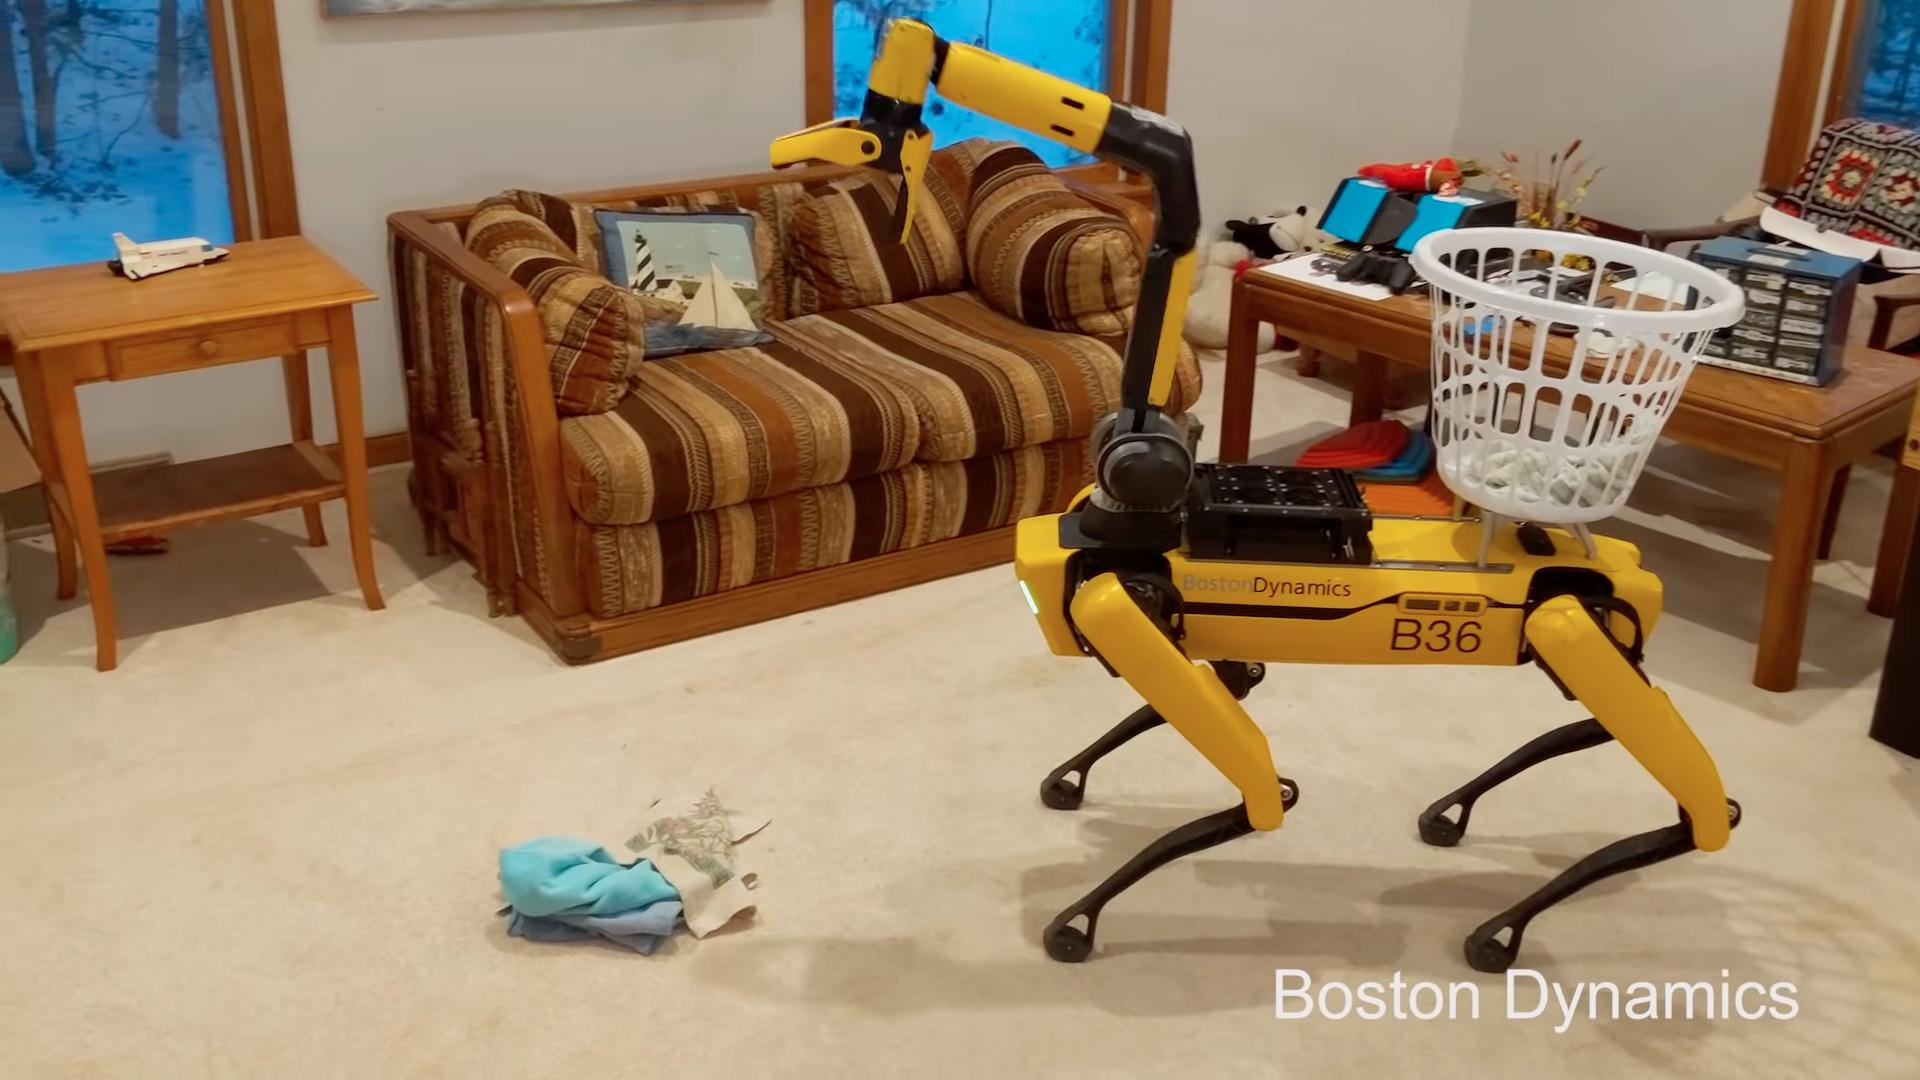 Роботы-пылесосы смогут собирать вещи на полу во время уборки (робособака Boston Dynamics Spot показала как это будет)